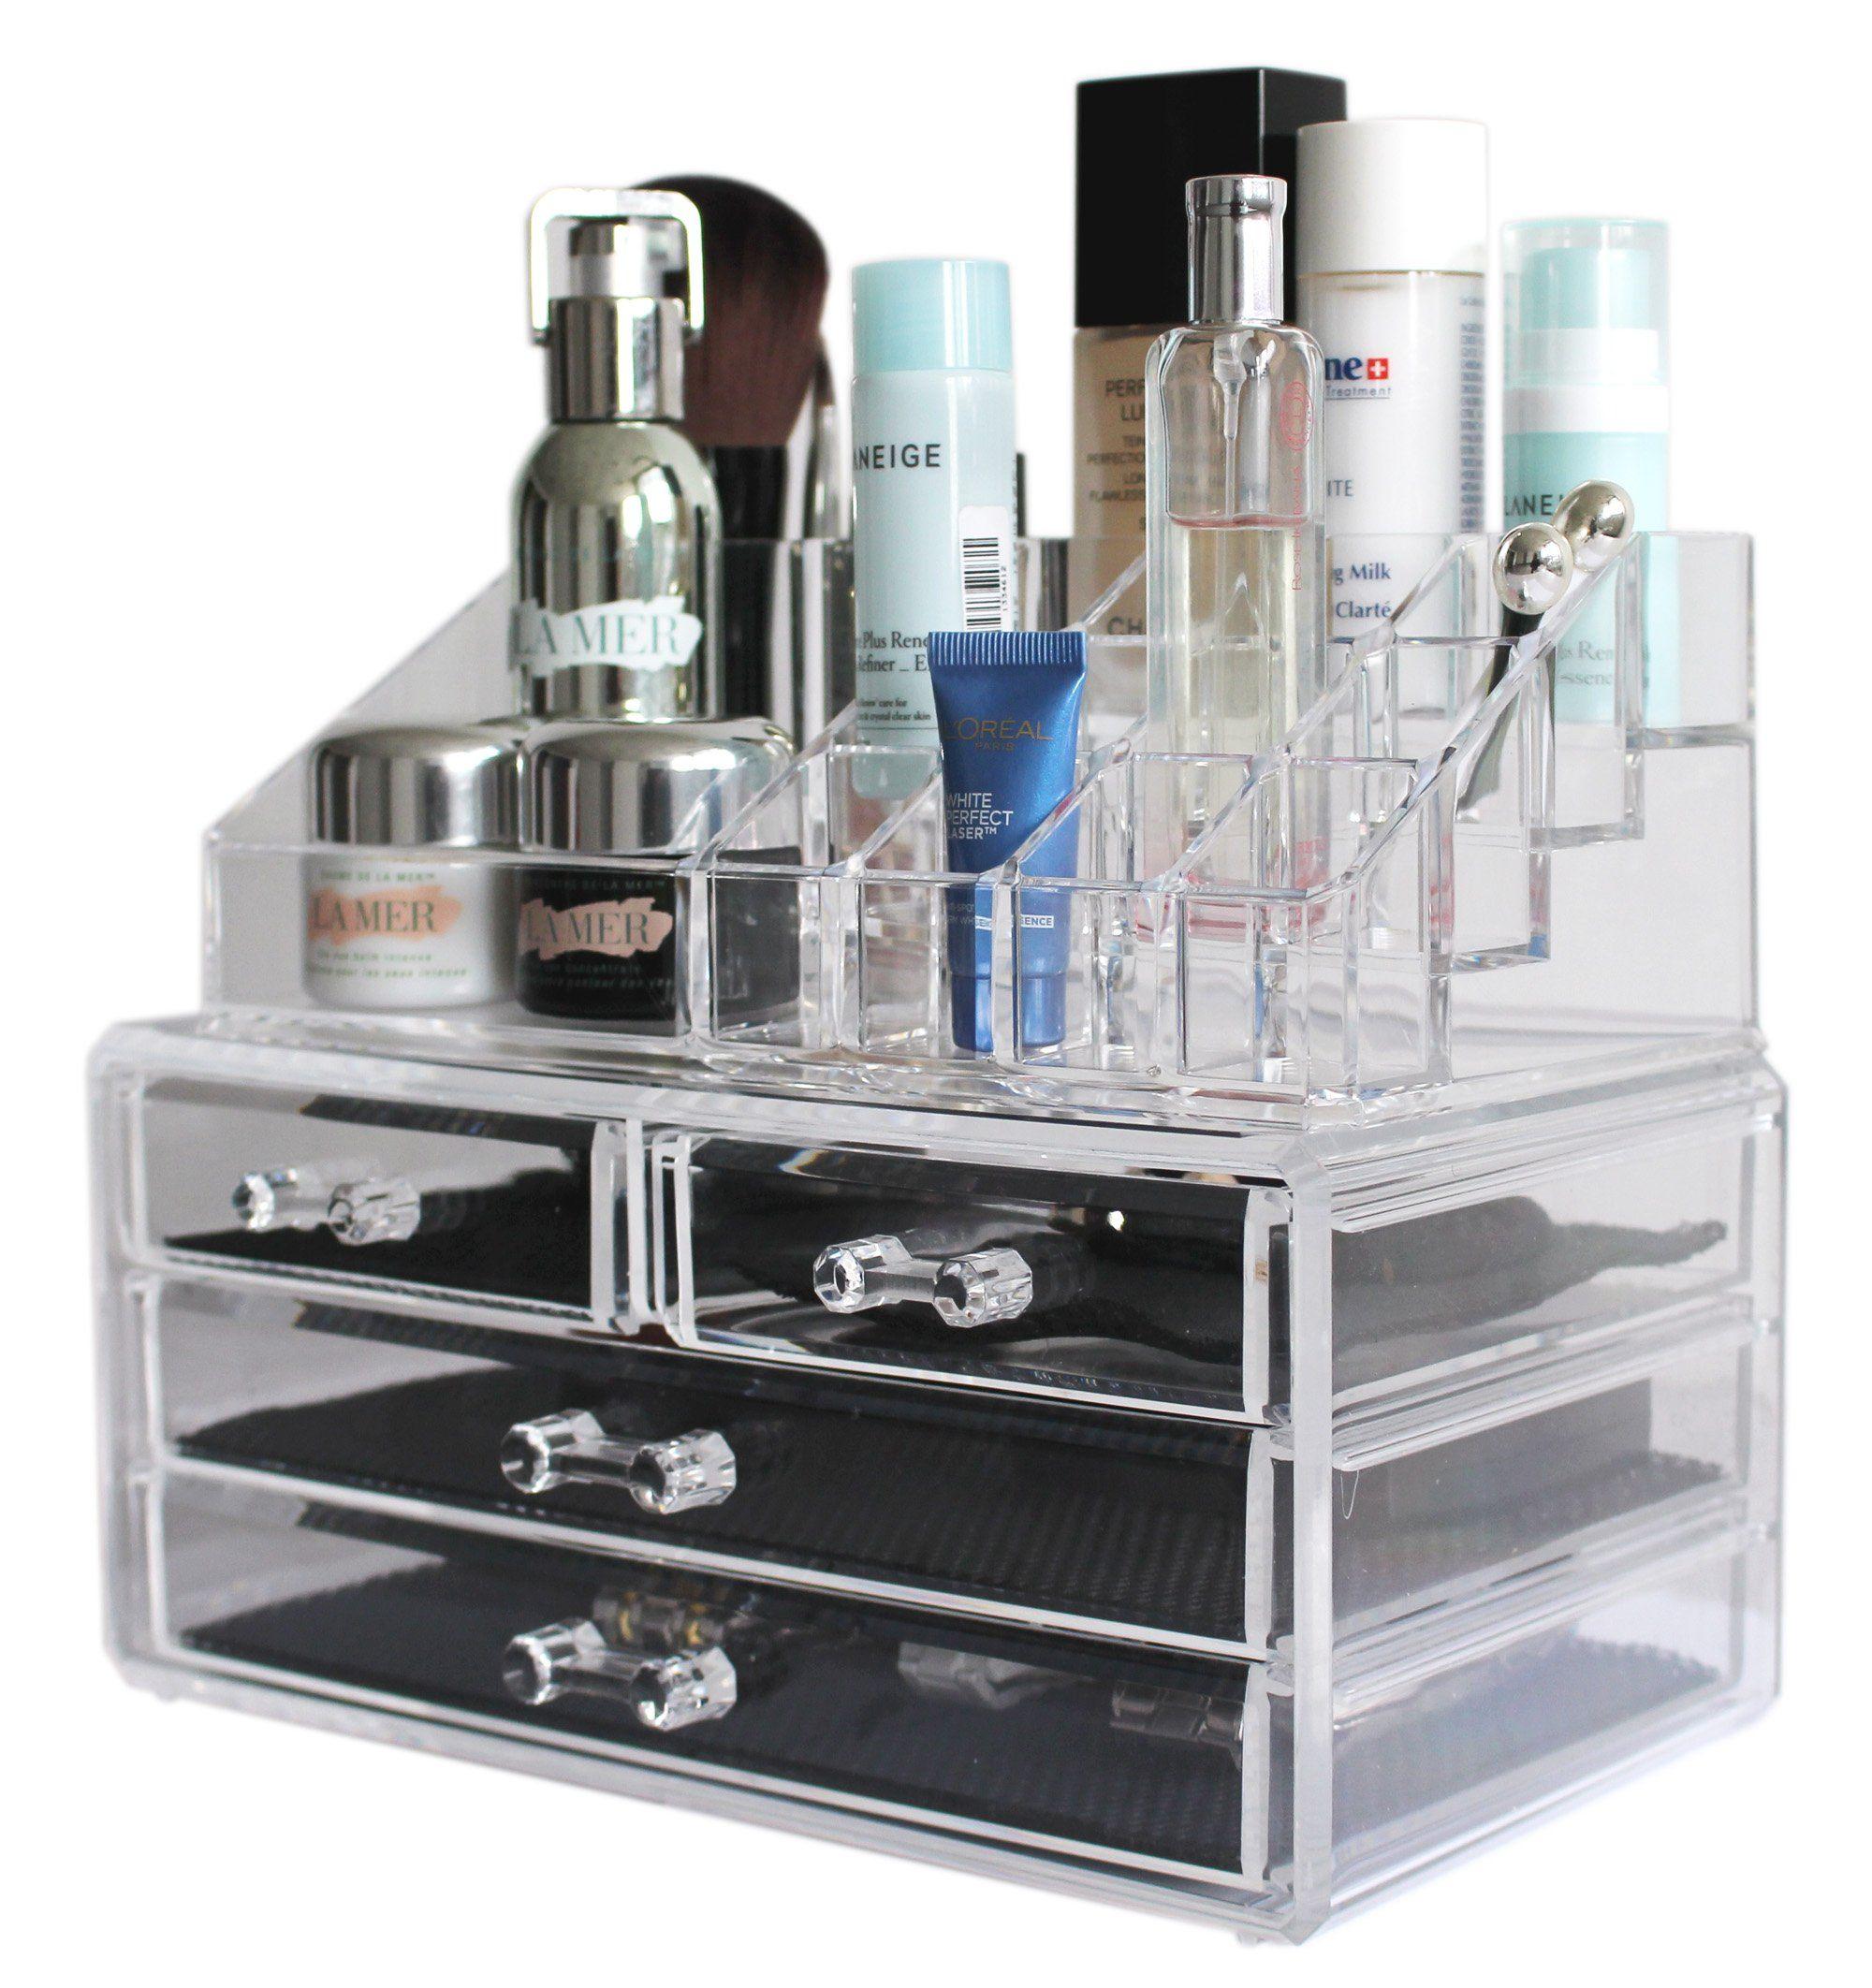 Amazoncom Sodynee Acrylic Makeup organizer Cosmetic organizer